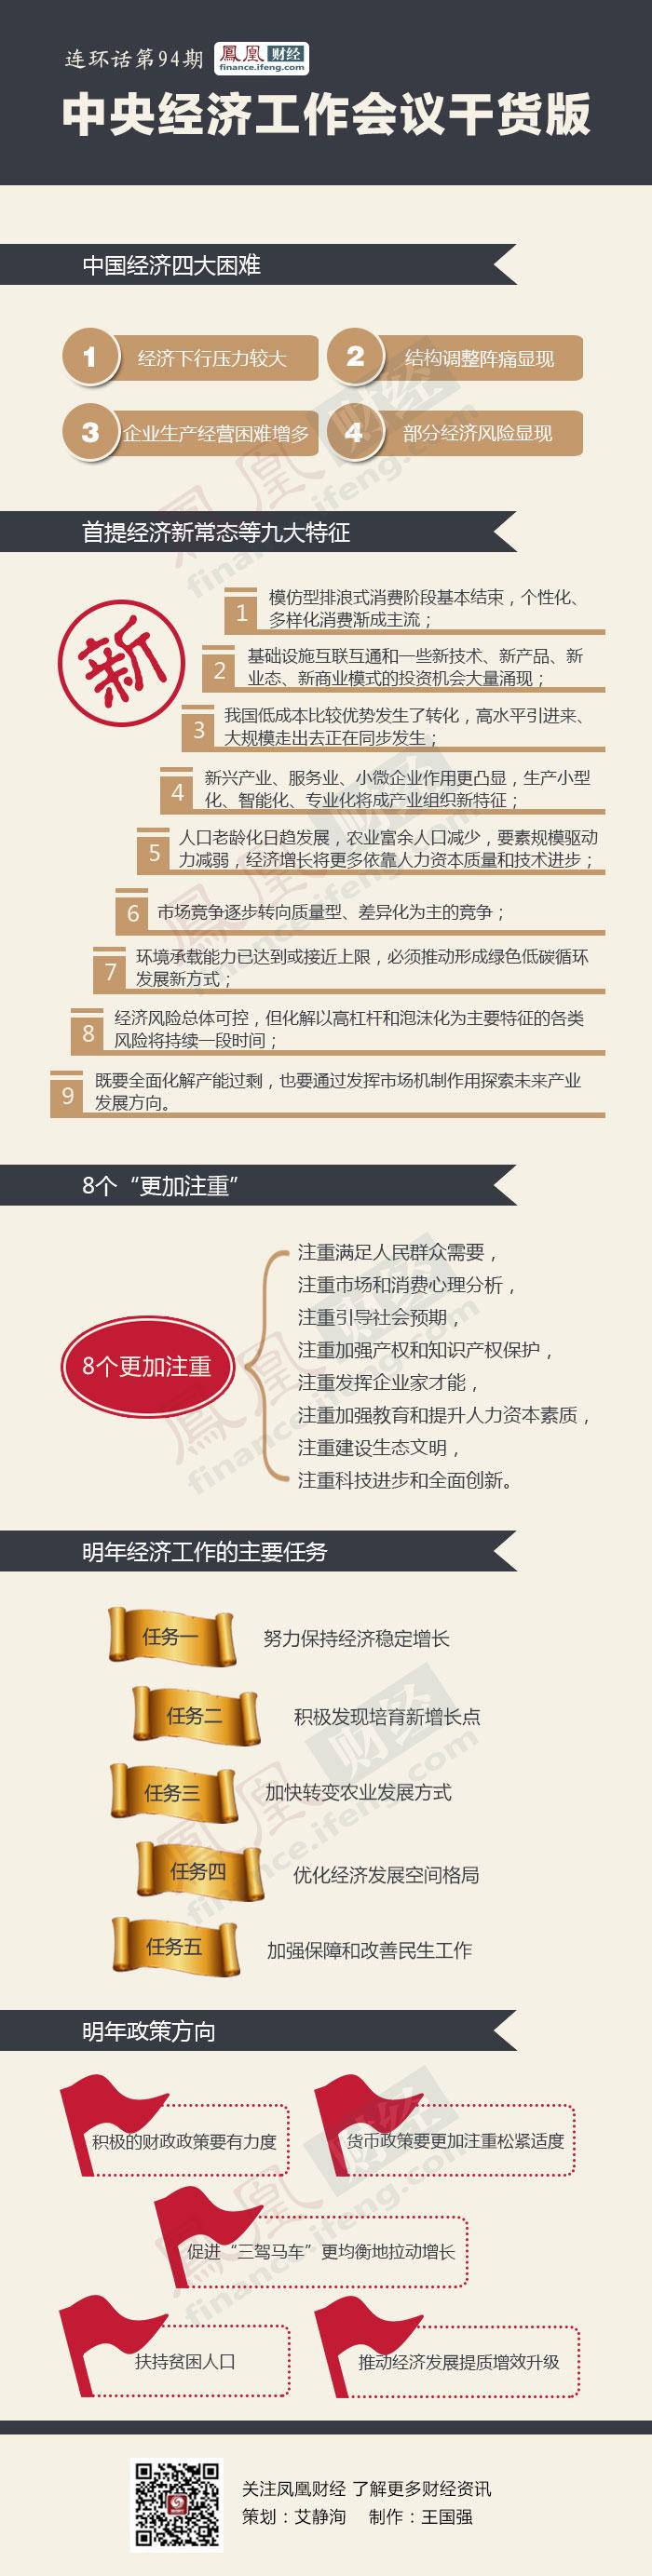 聚焦2014年中央经济工作会议 - zhaozhao - zhaozhao的博客